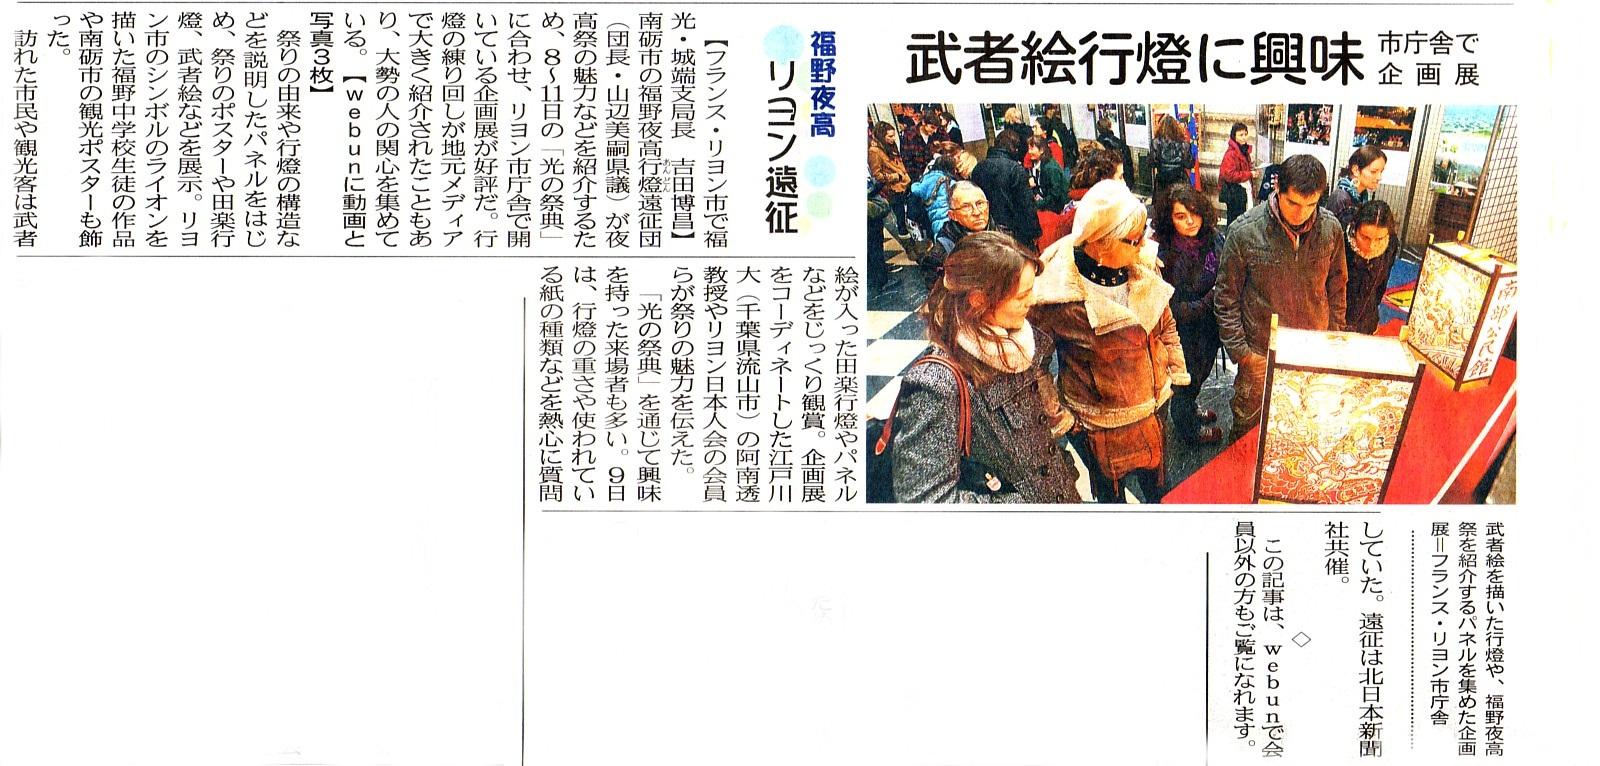 2011_12_11.jpg